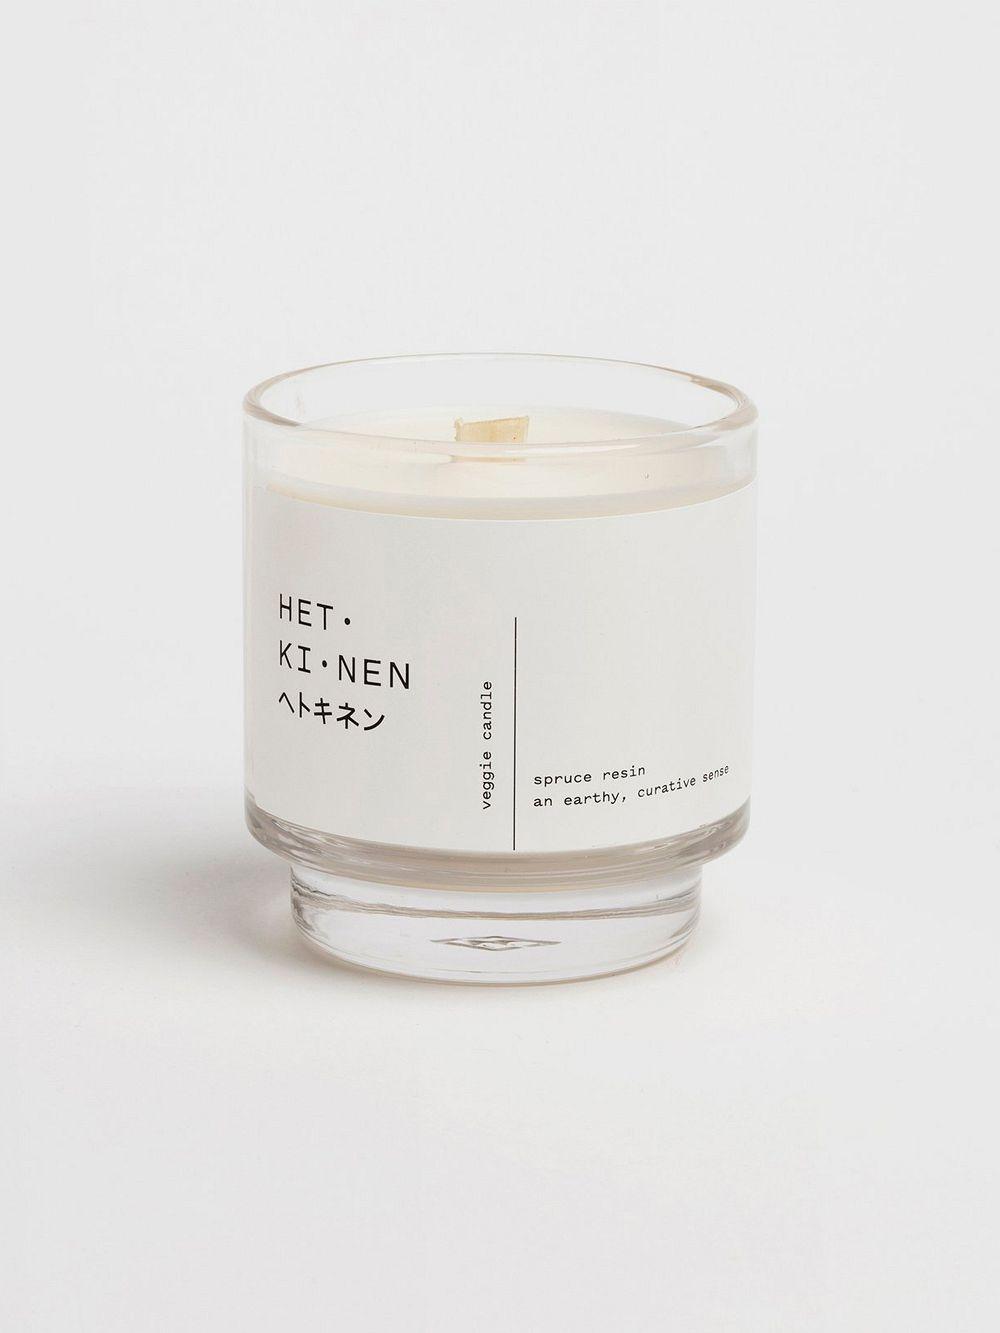 Hetkinen Veggie wax candle